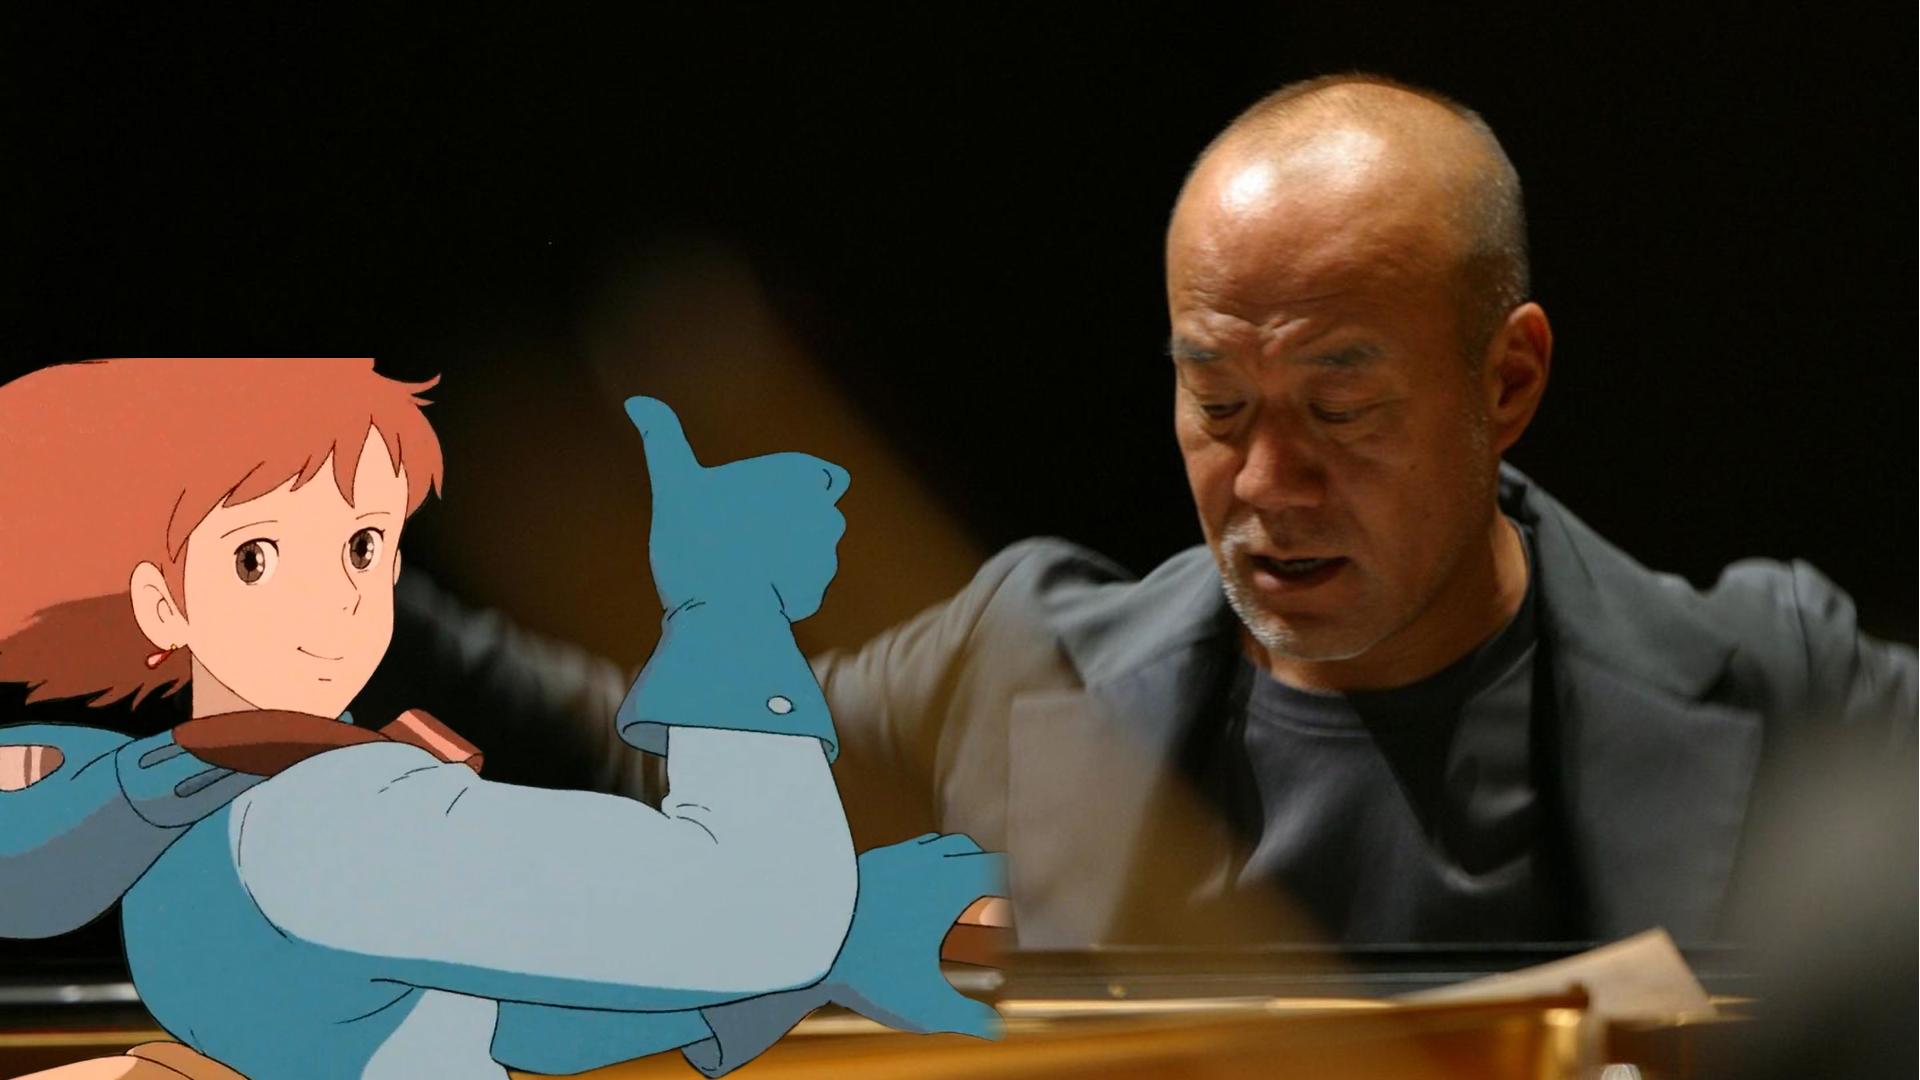 这个日本老头不一般,宫崎骏御用配乐大师久石让先生